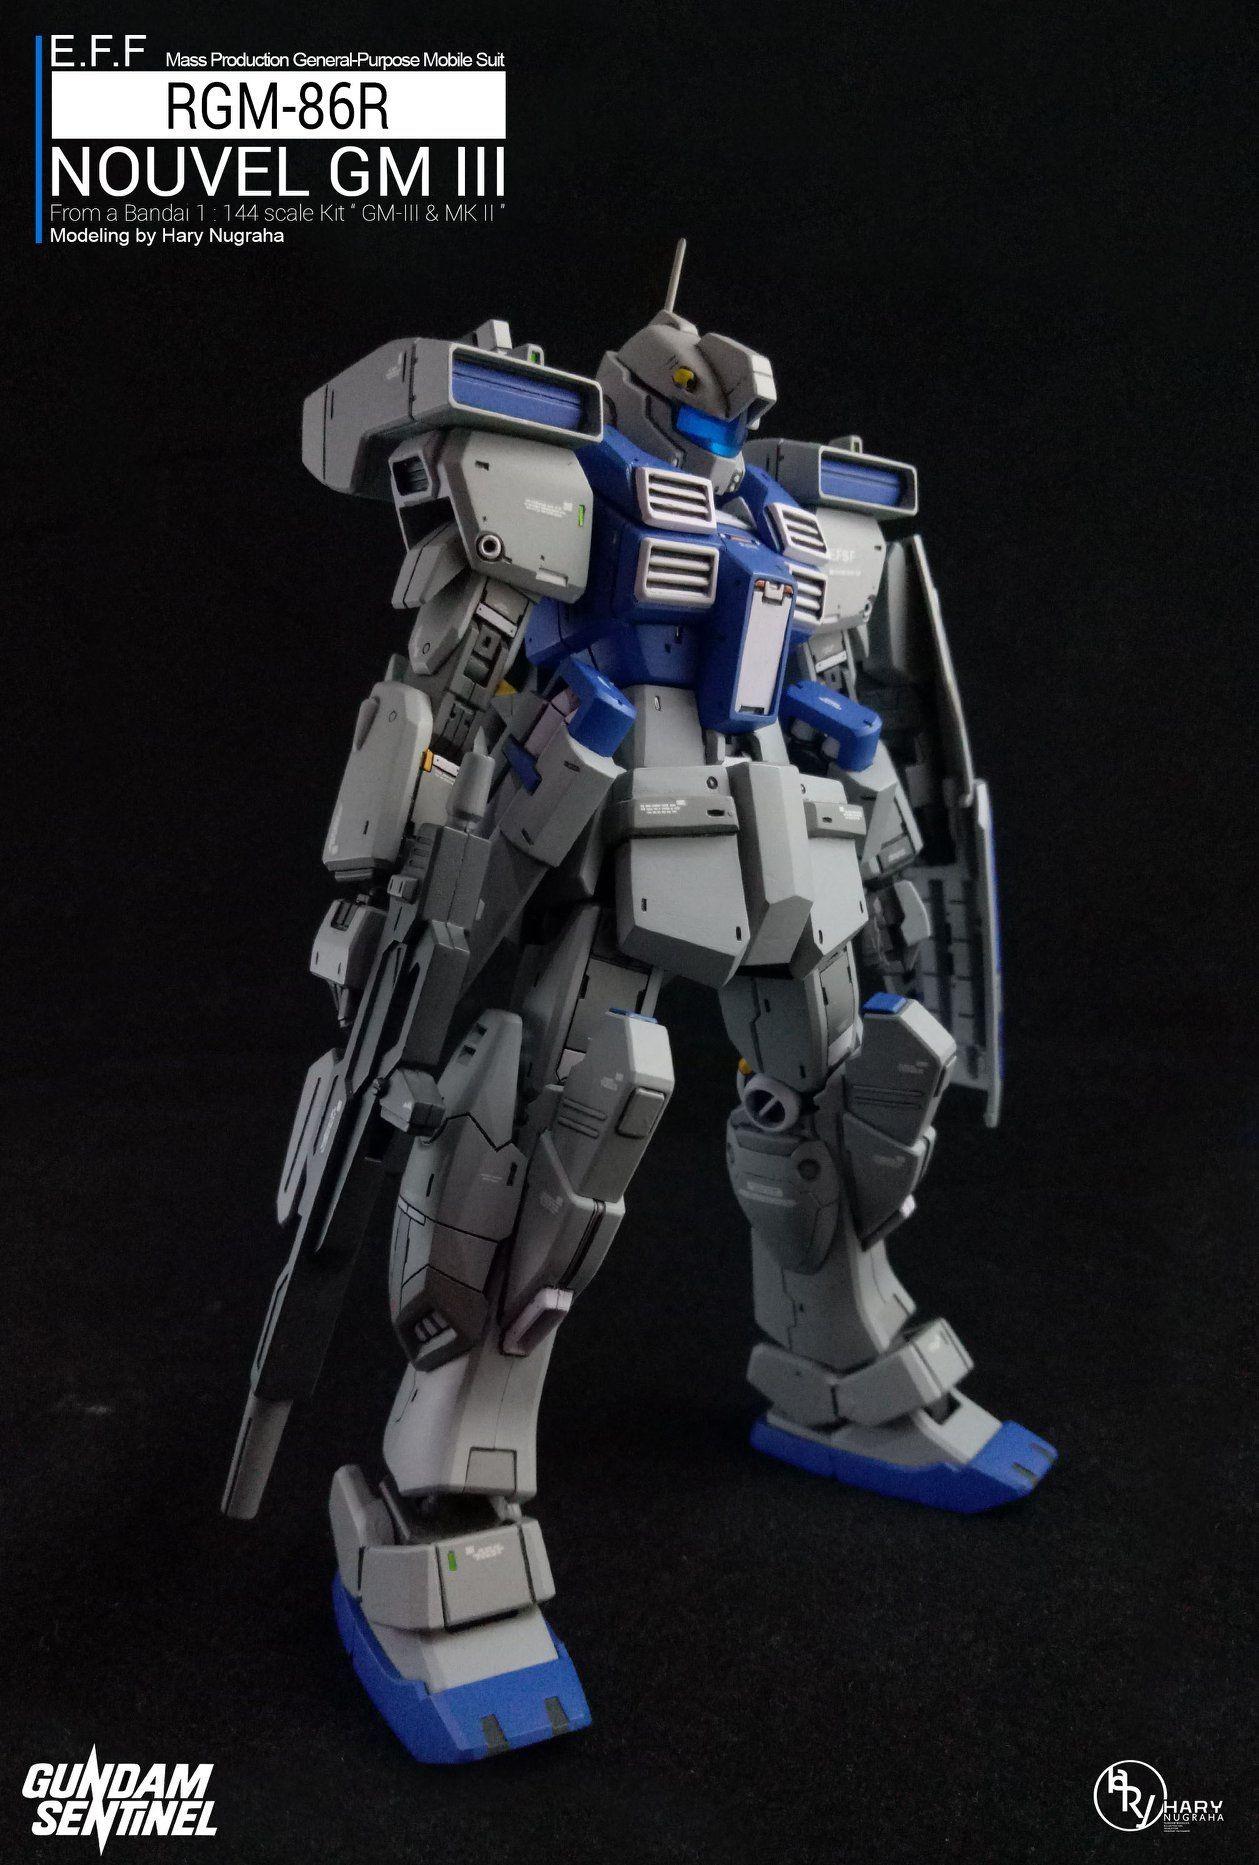 Gurren Lagann Papercraft Rgm 86r Nouvel Gm Iii F Gundam Pinterest